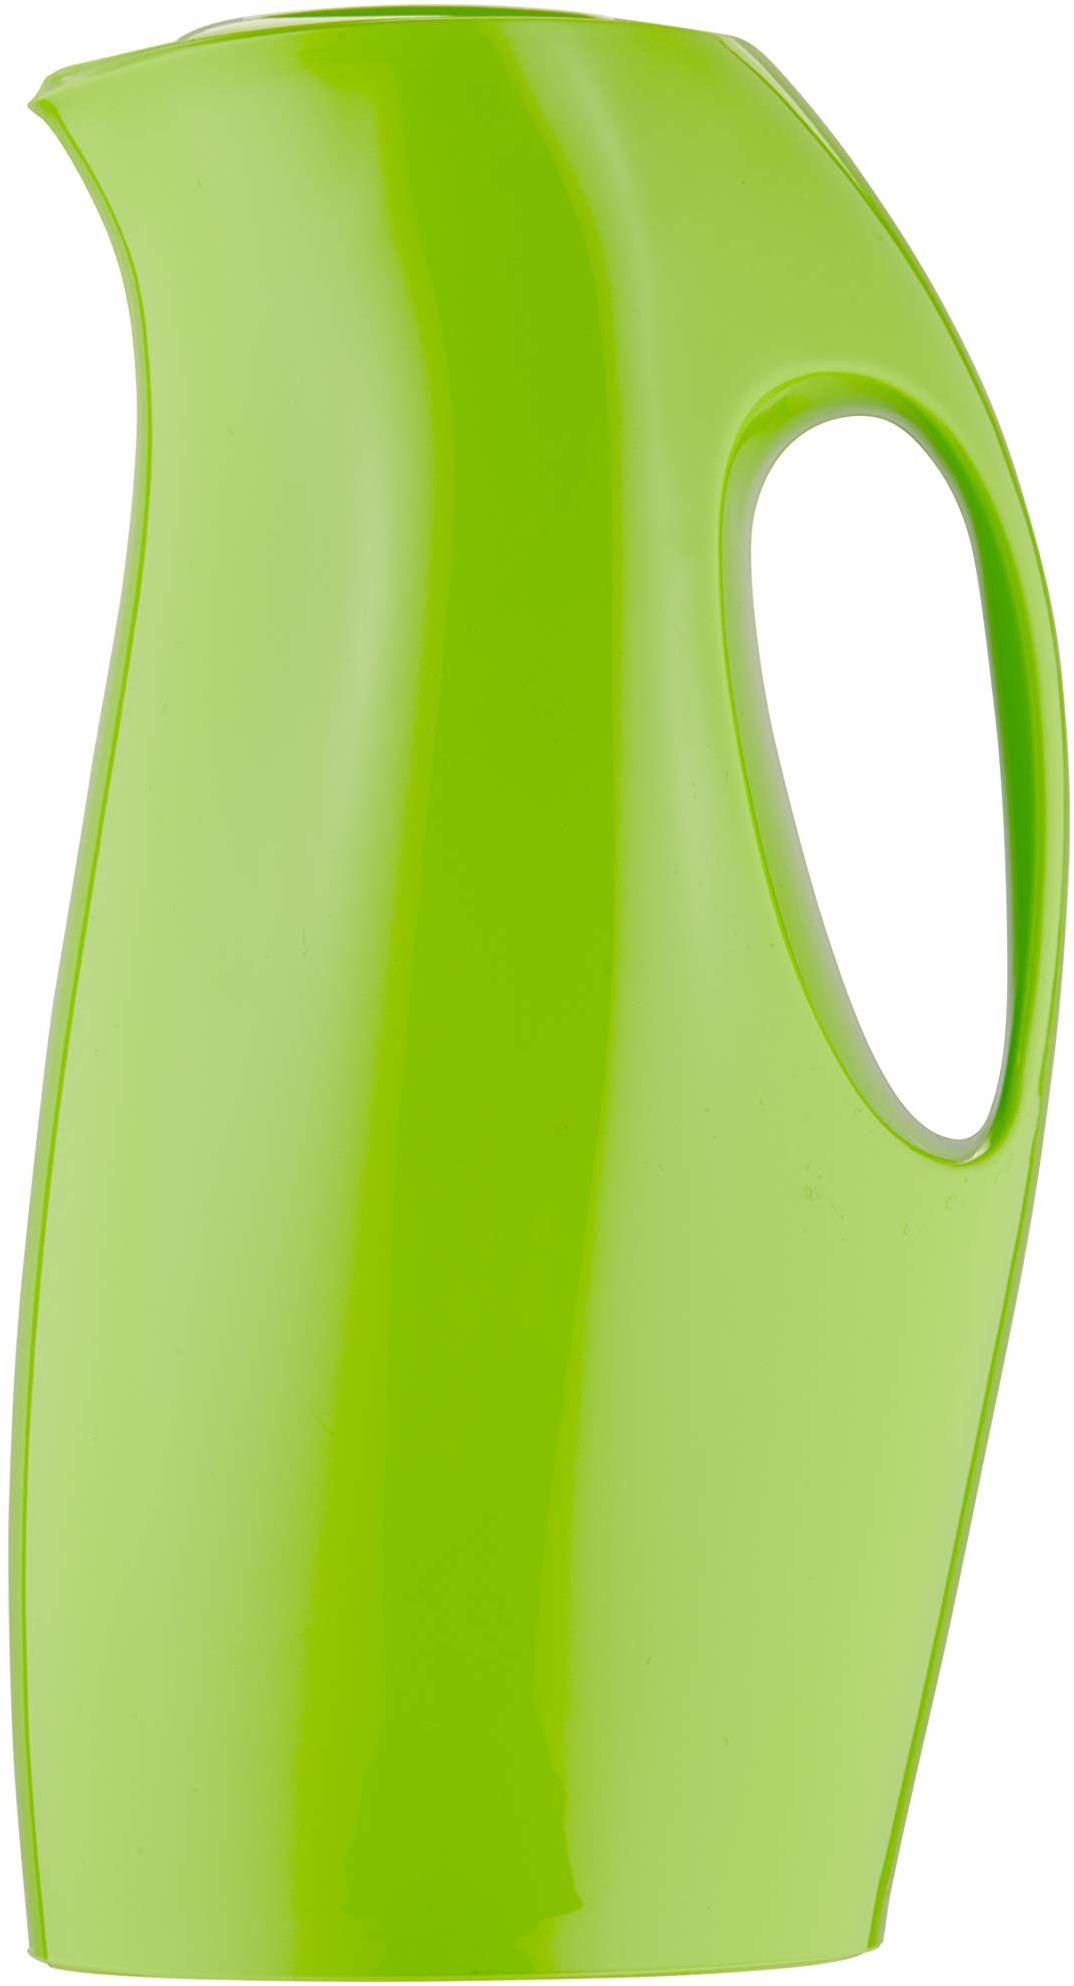 Helios Ciento termos z tworzywa sztucznego, kiwi, 0,9 litra